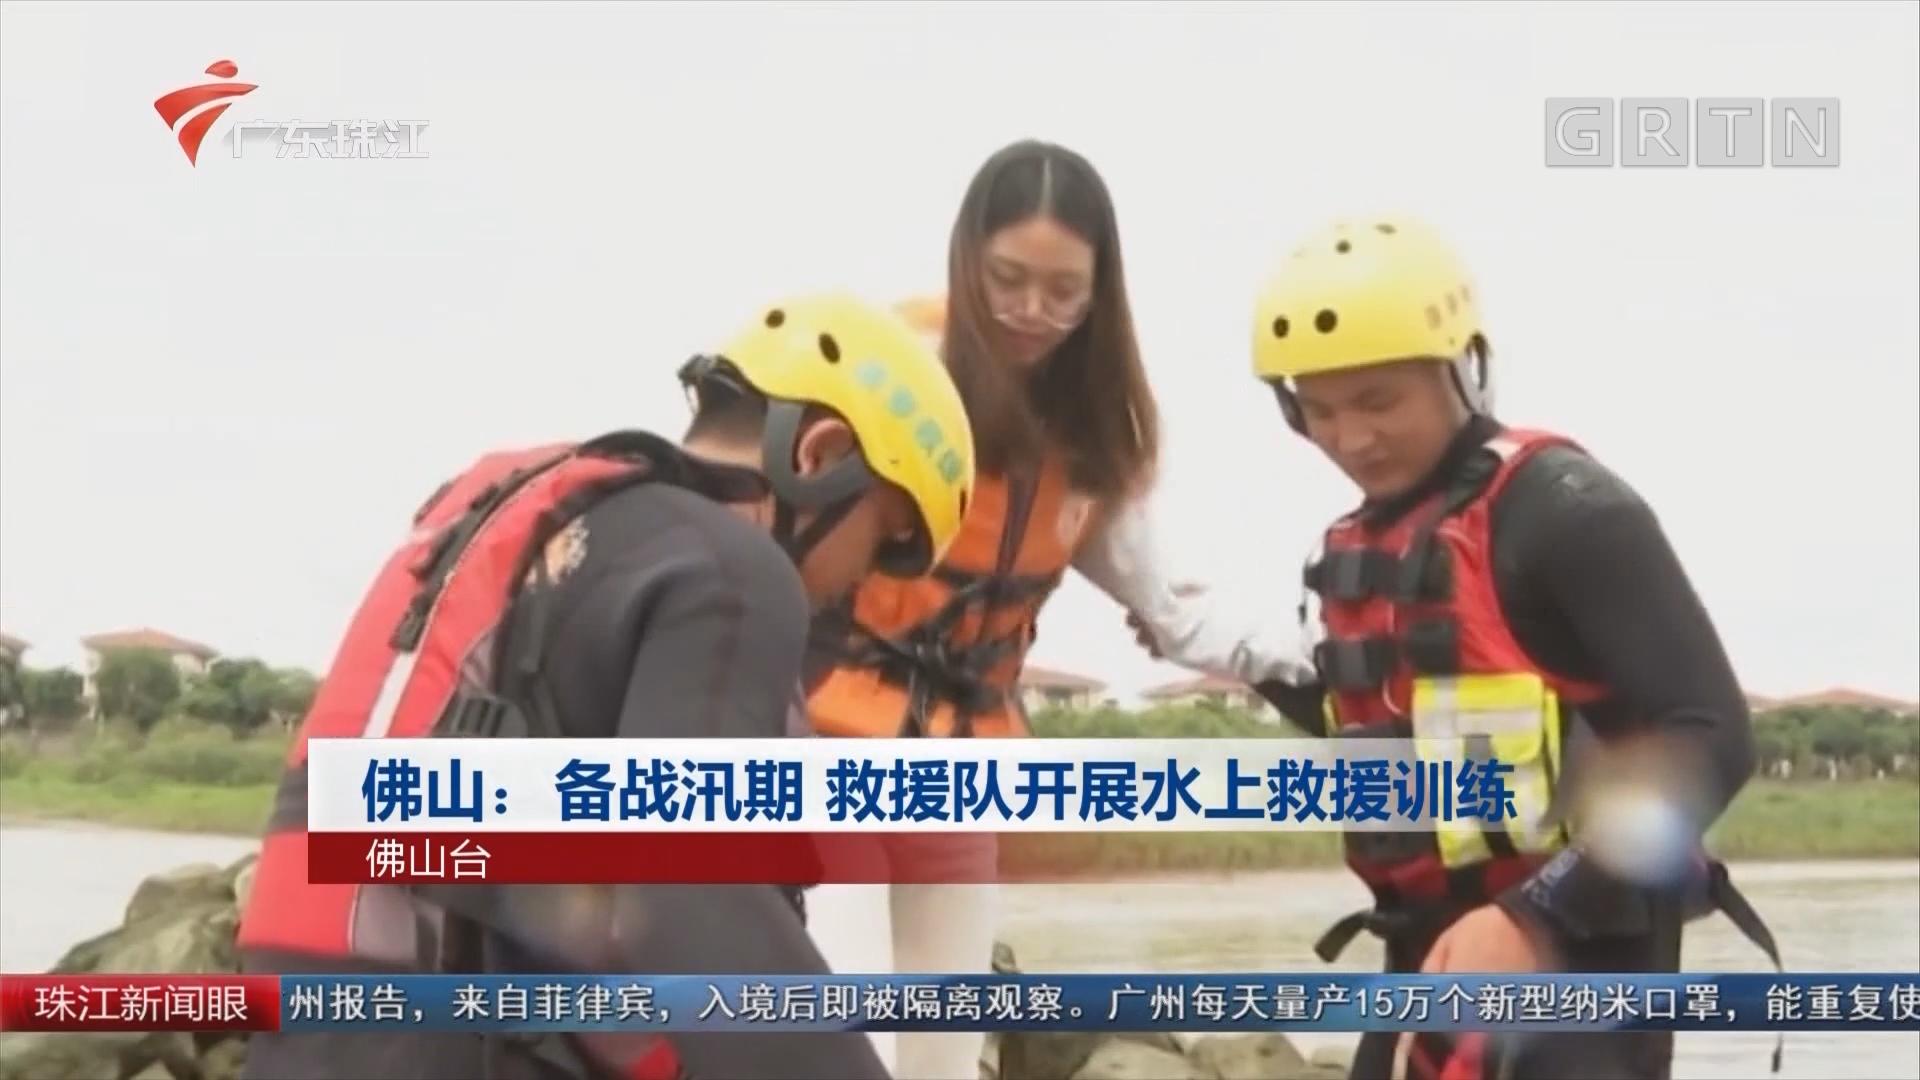 佛山:備戰汛期 救援隊開展水上救援訓練